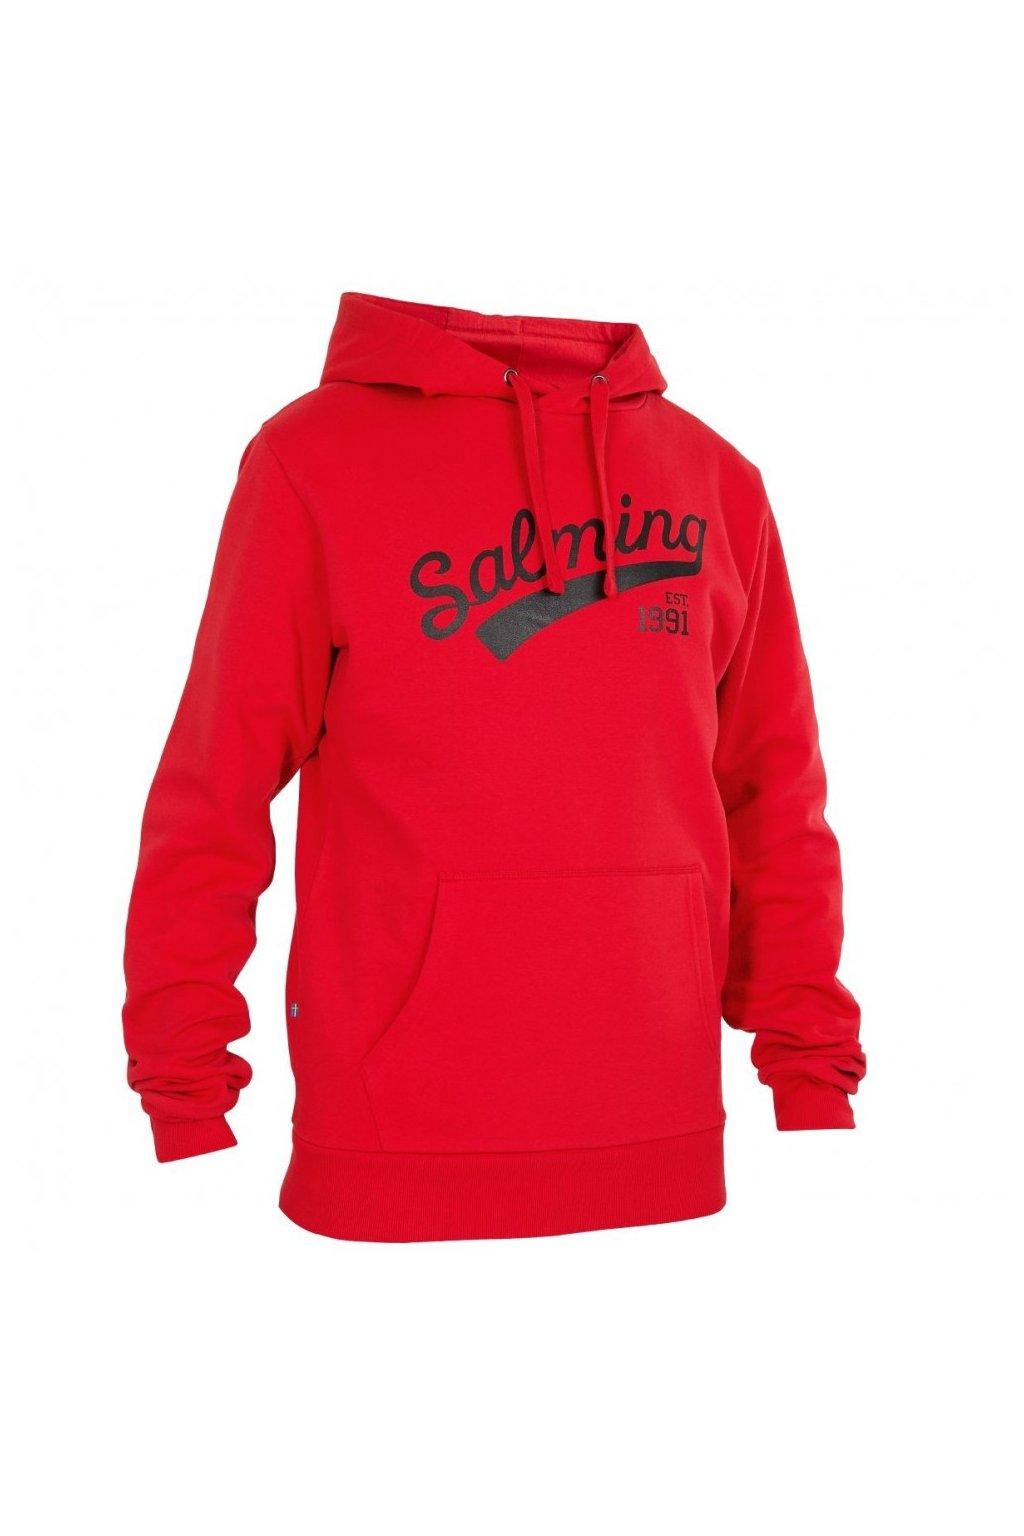 salming logo hood (3)